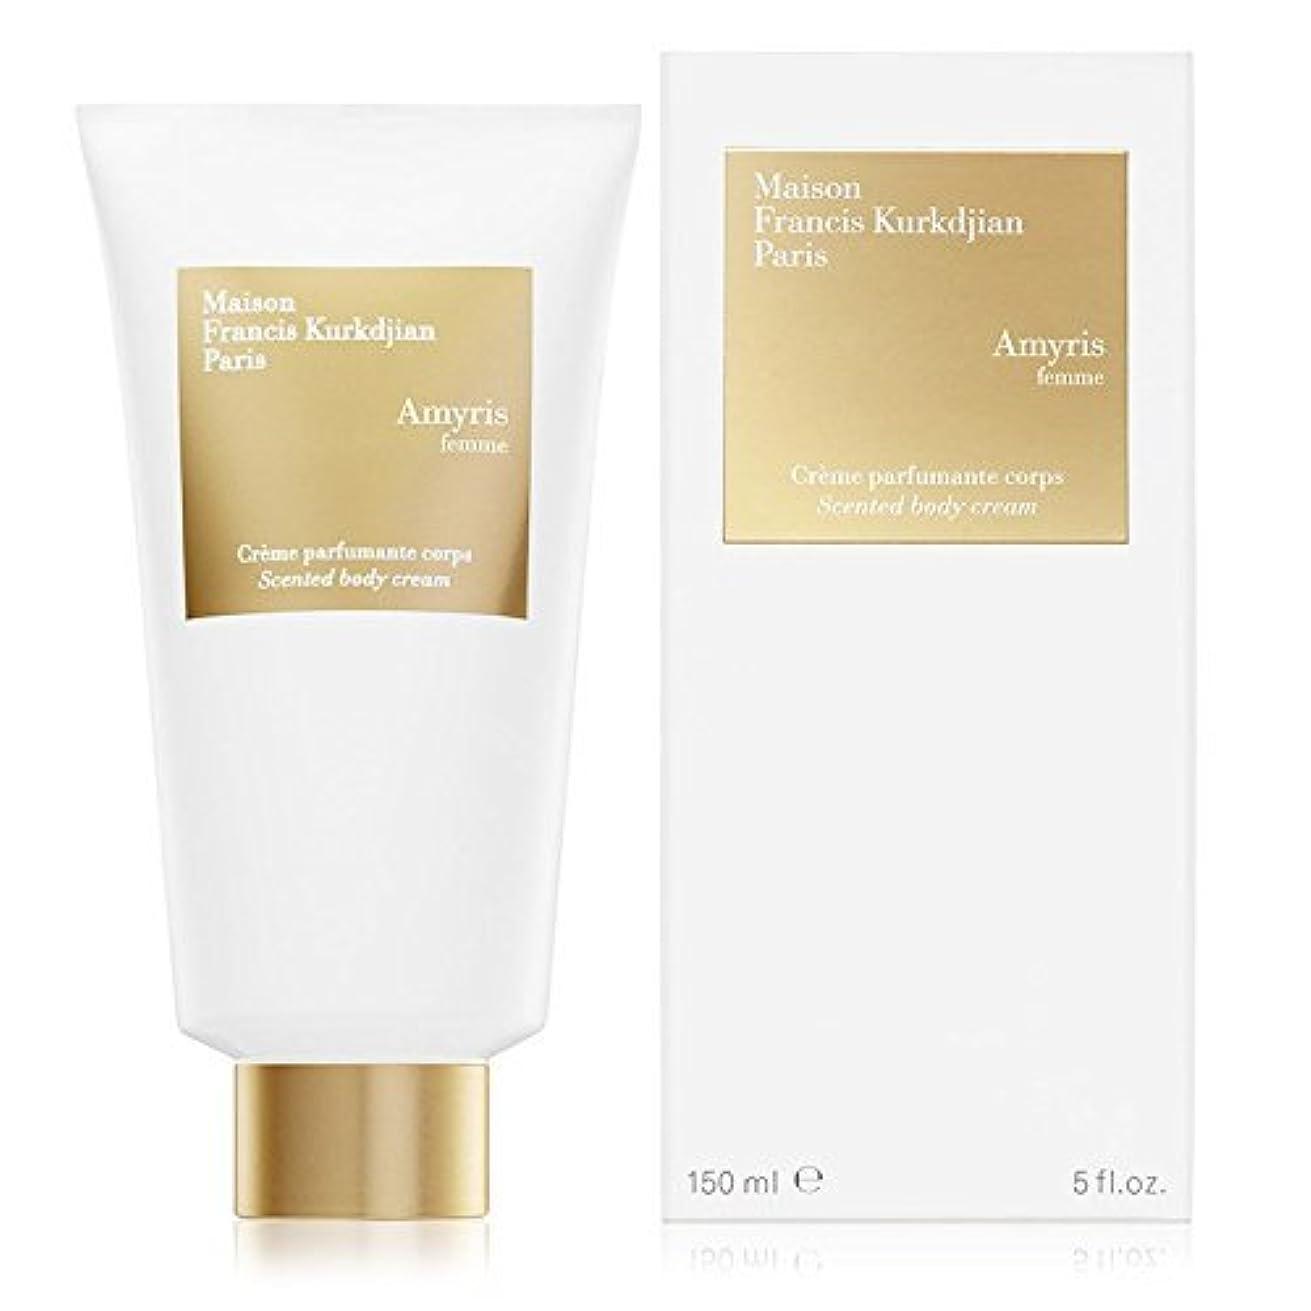 パートナー強制可愛いMaison Francis Kurkdjian Amyris Femme Scented Body Cream(メゾン フランシス クルジャン アミリス ファム ボディクリーム)150ml [並行輸入品]